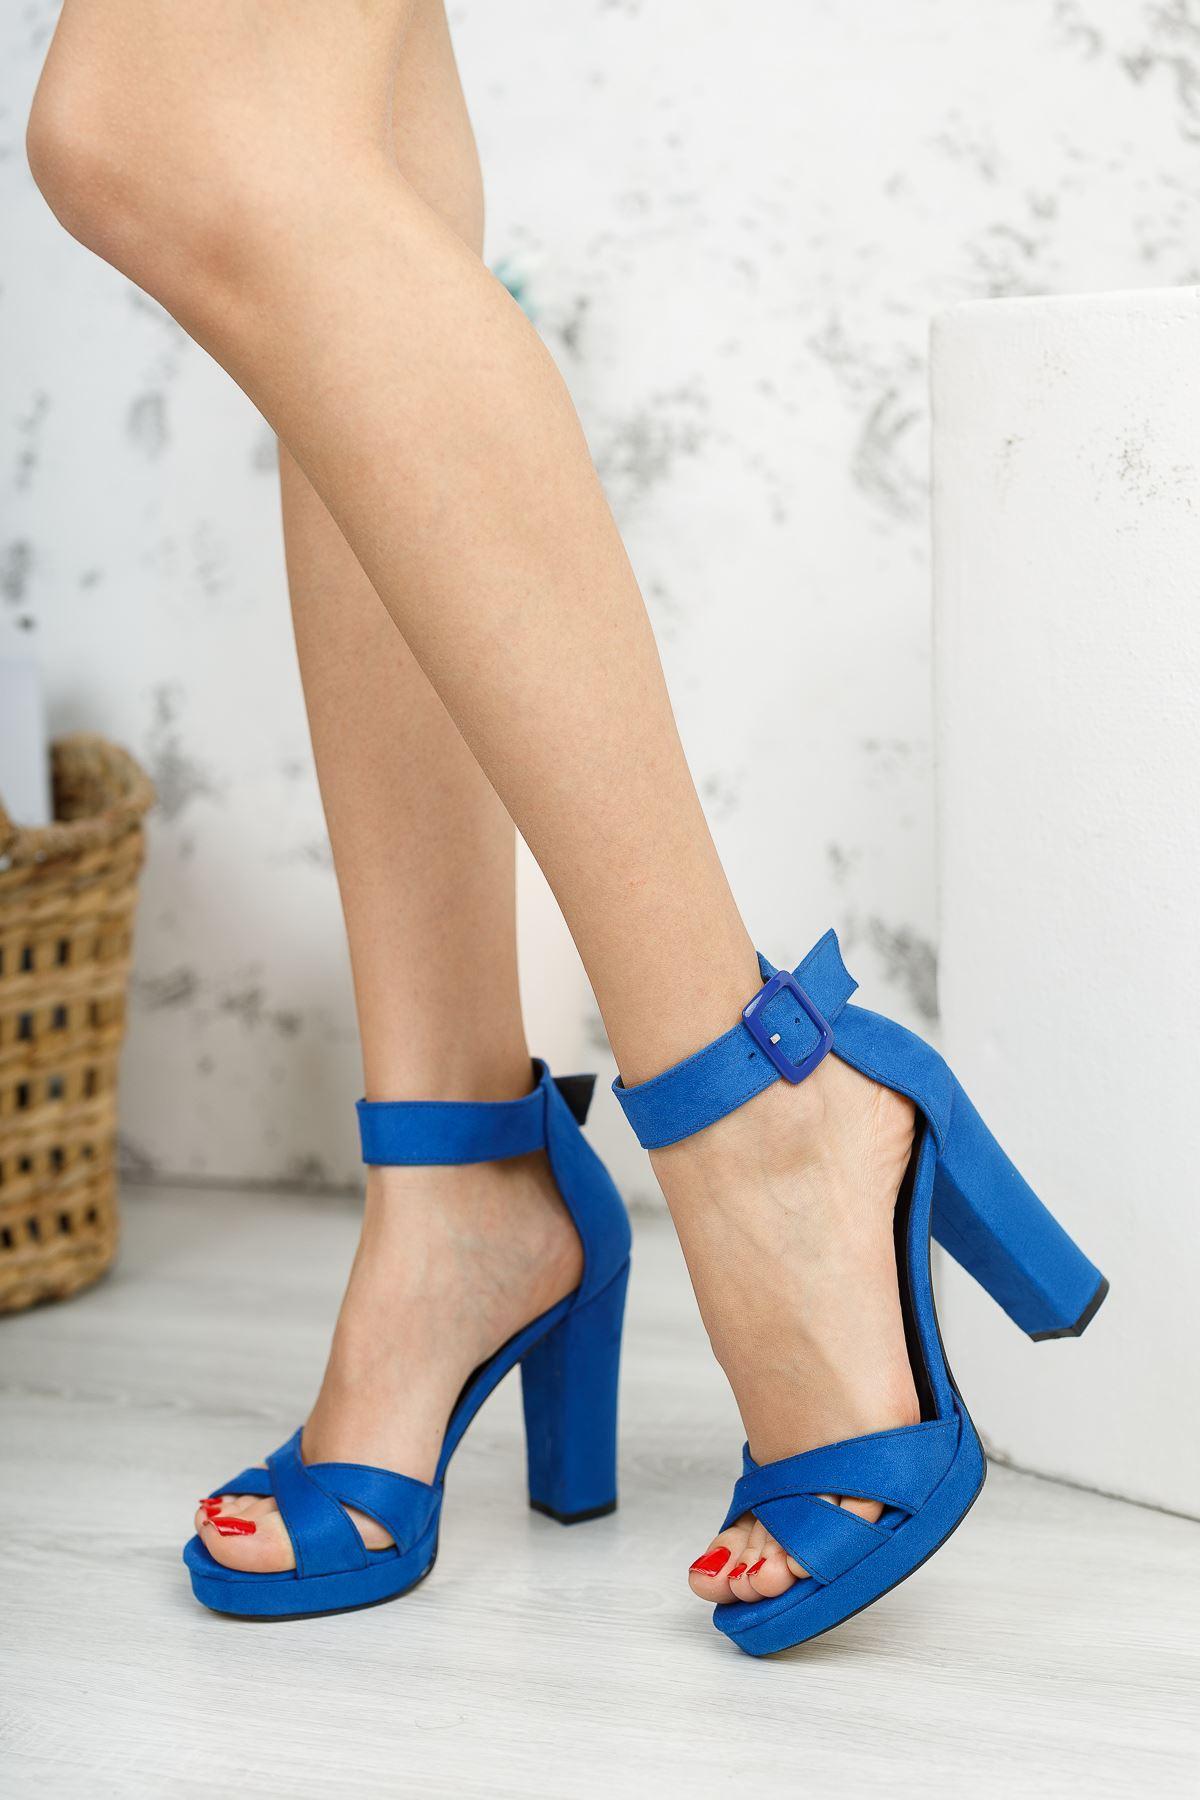 Kadın Loked Yüksek Topuklu Çapraz Bantlı Saks Mavi Süet Tek Bant Ayakkabı